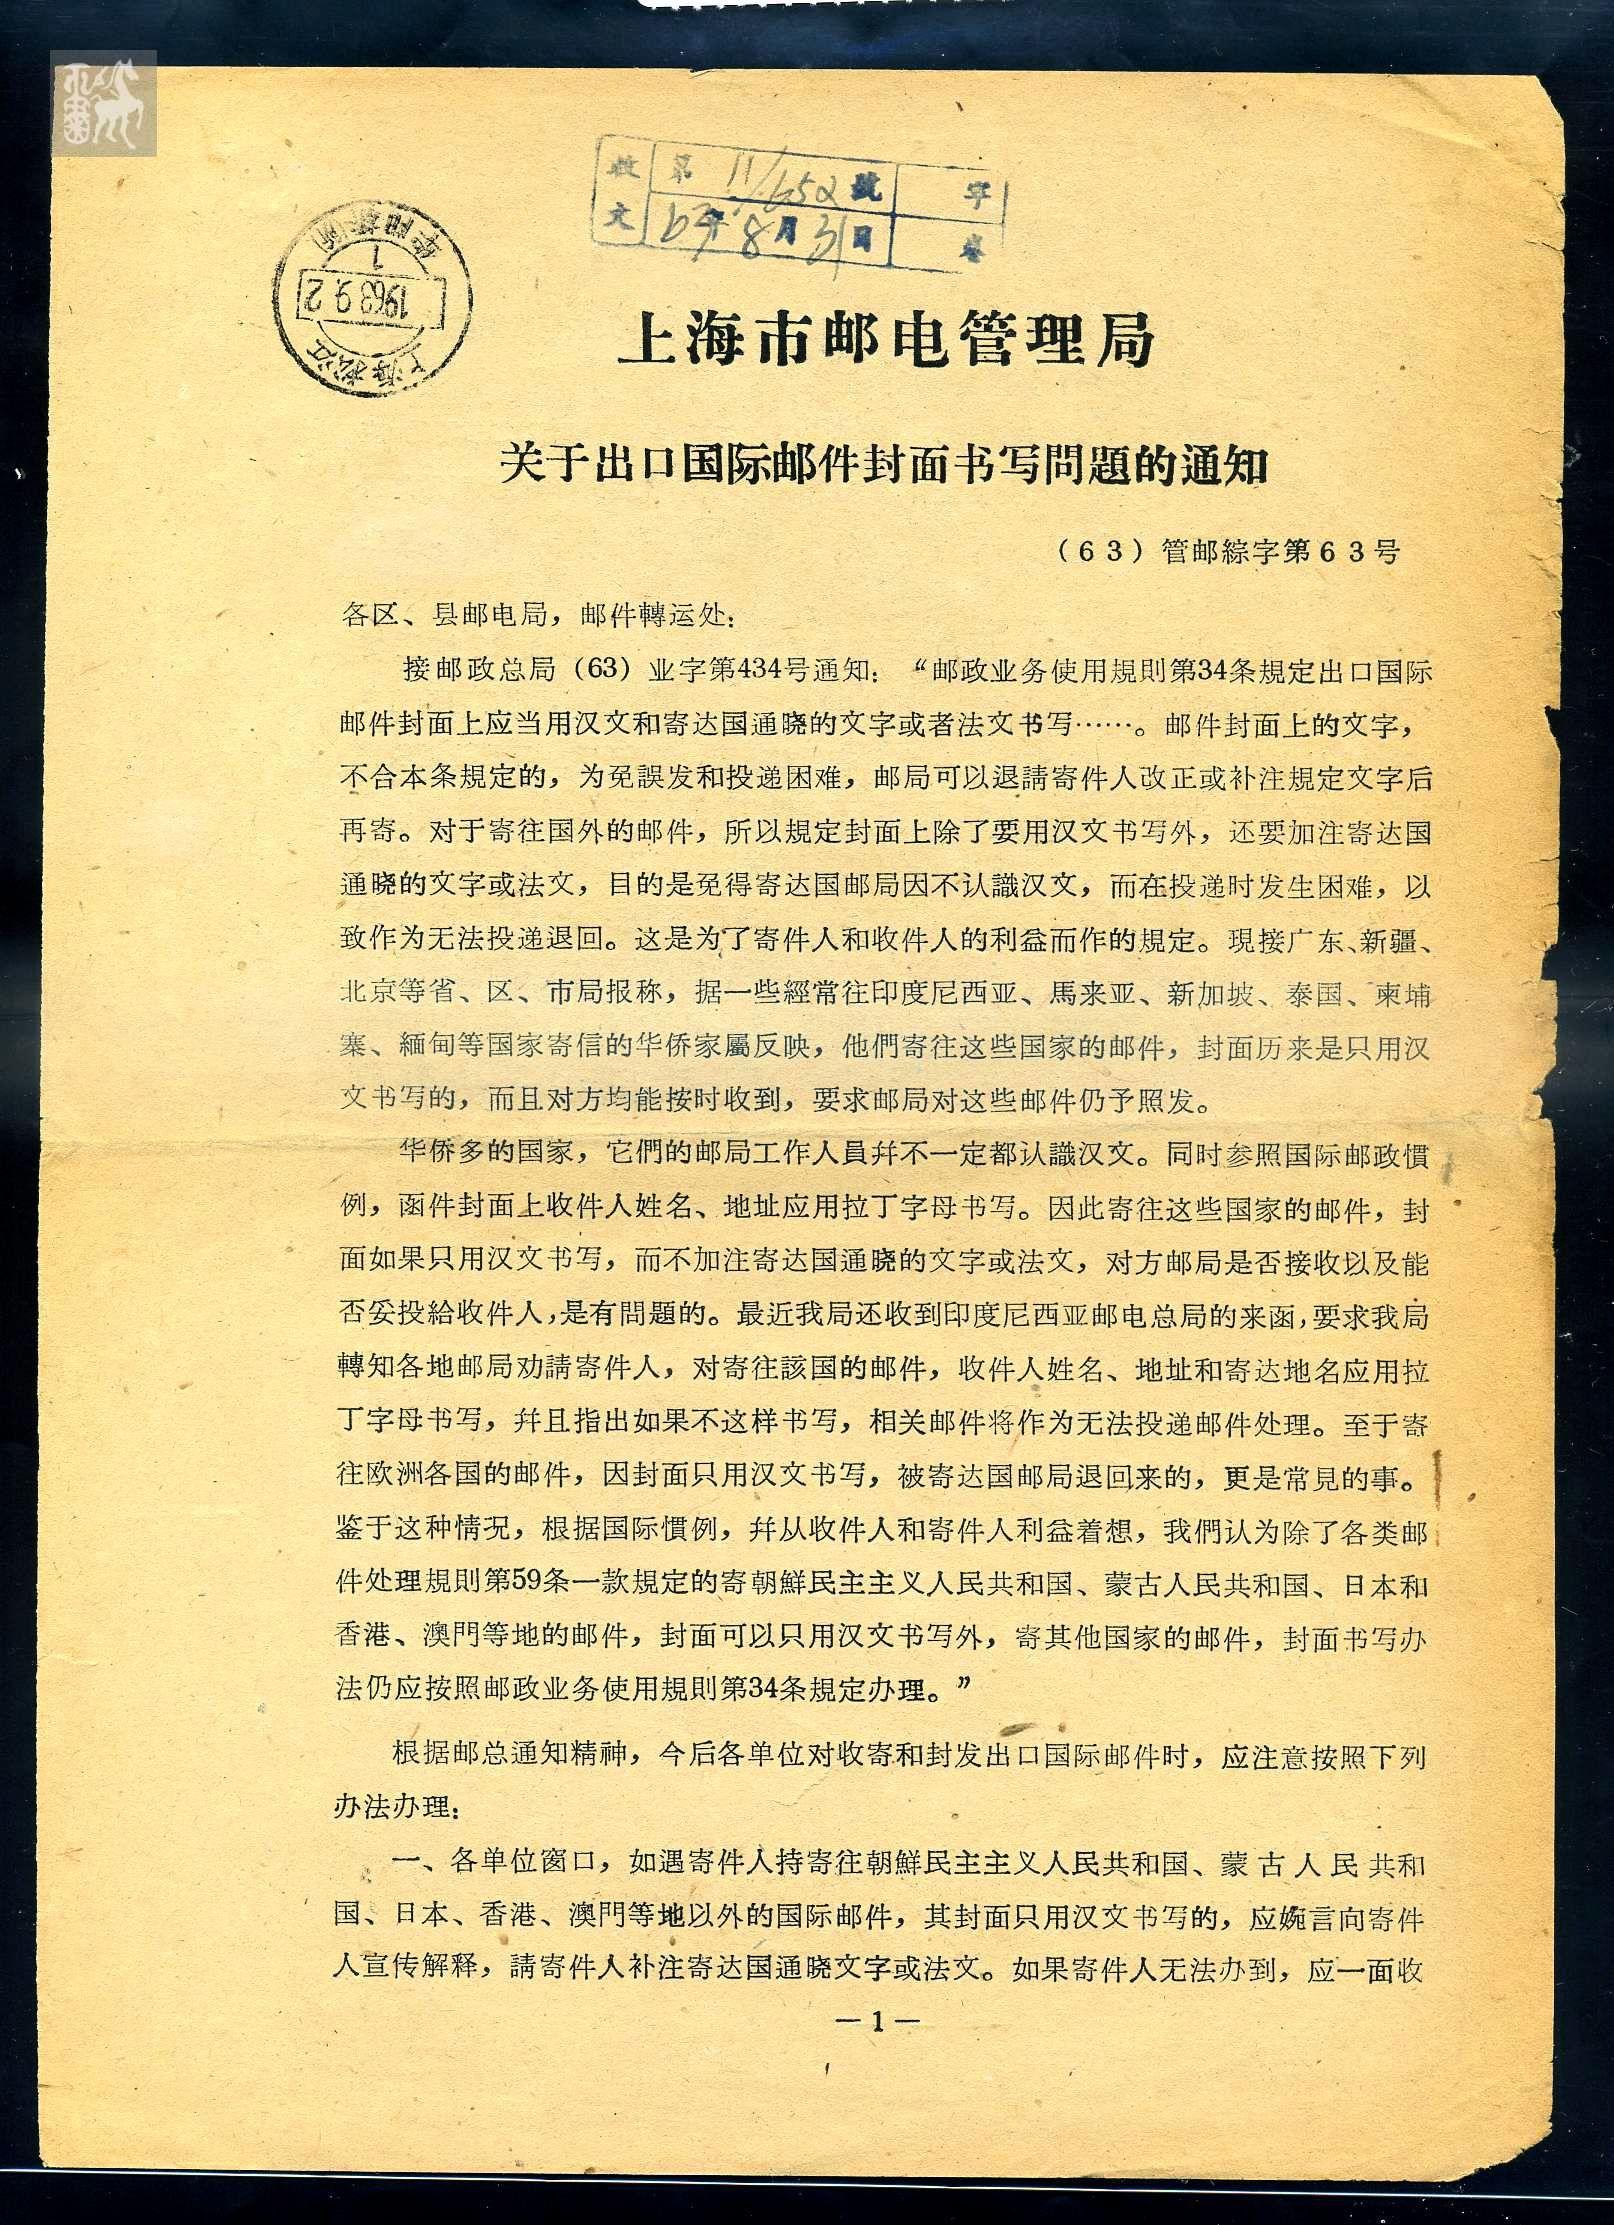 中文书信格式《 书信格式范文 《 书信 标准 格式图图片